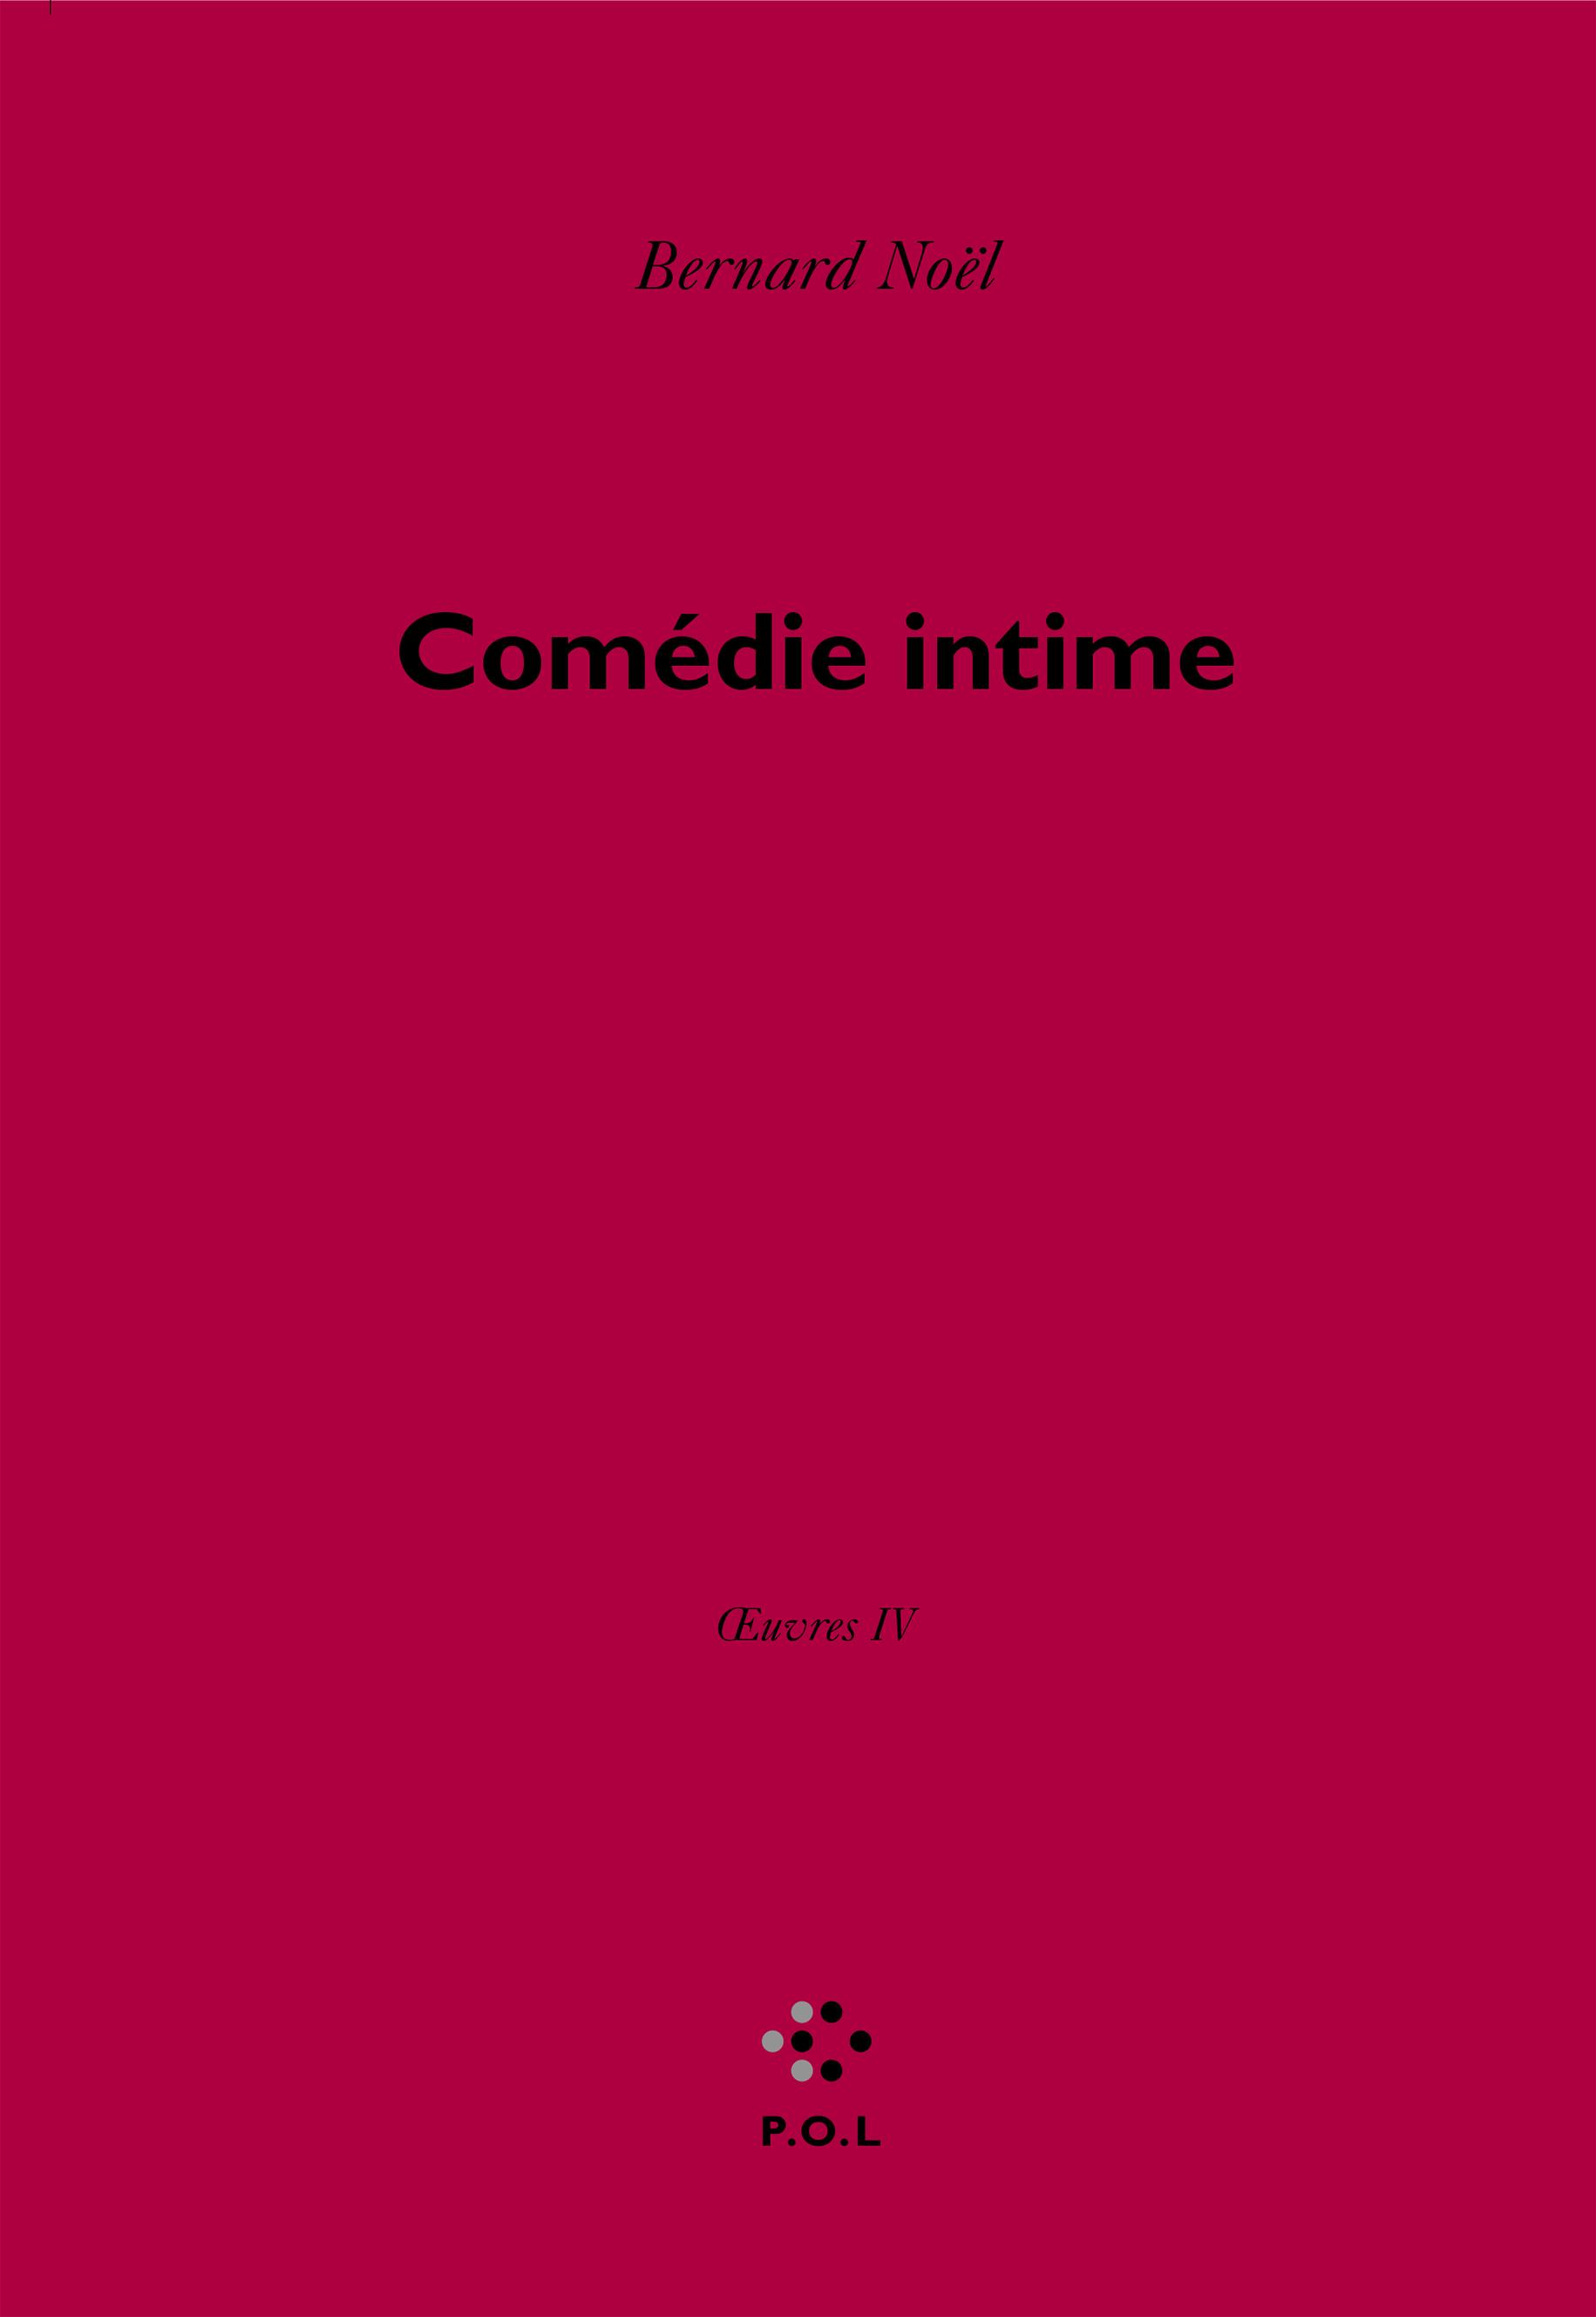 La Comédie intime. Oeuvres IV